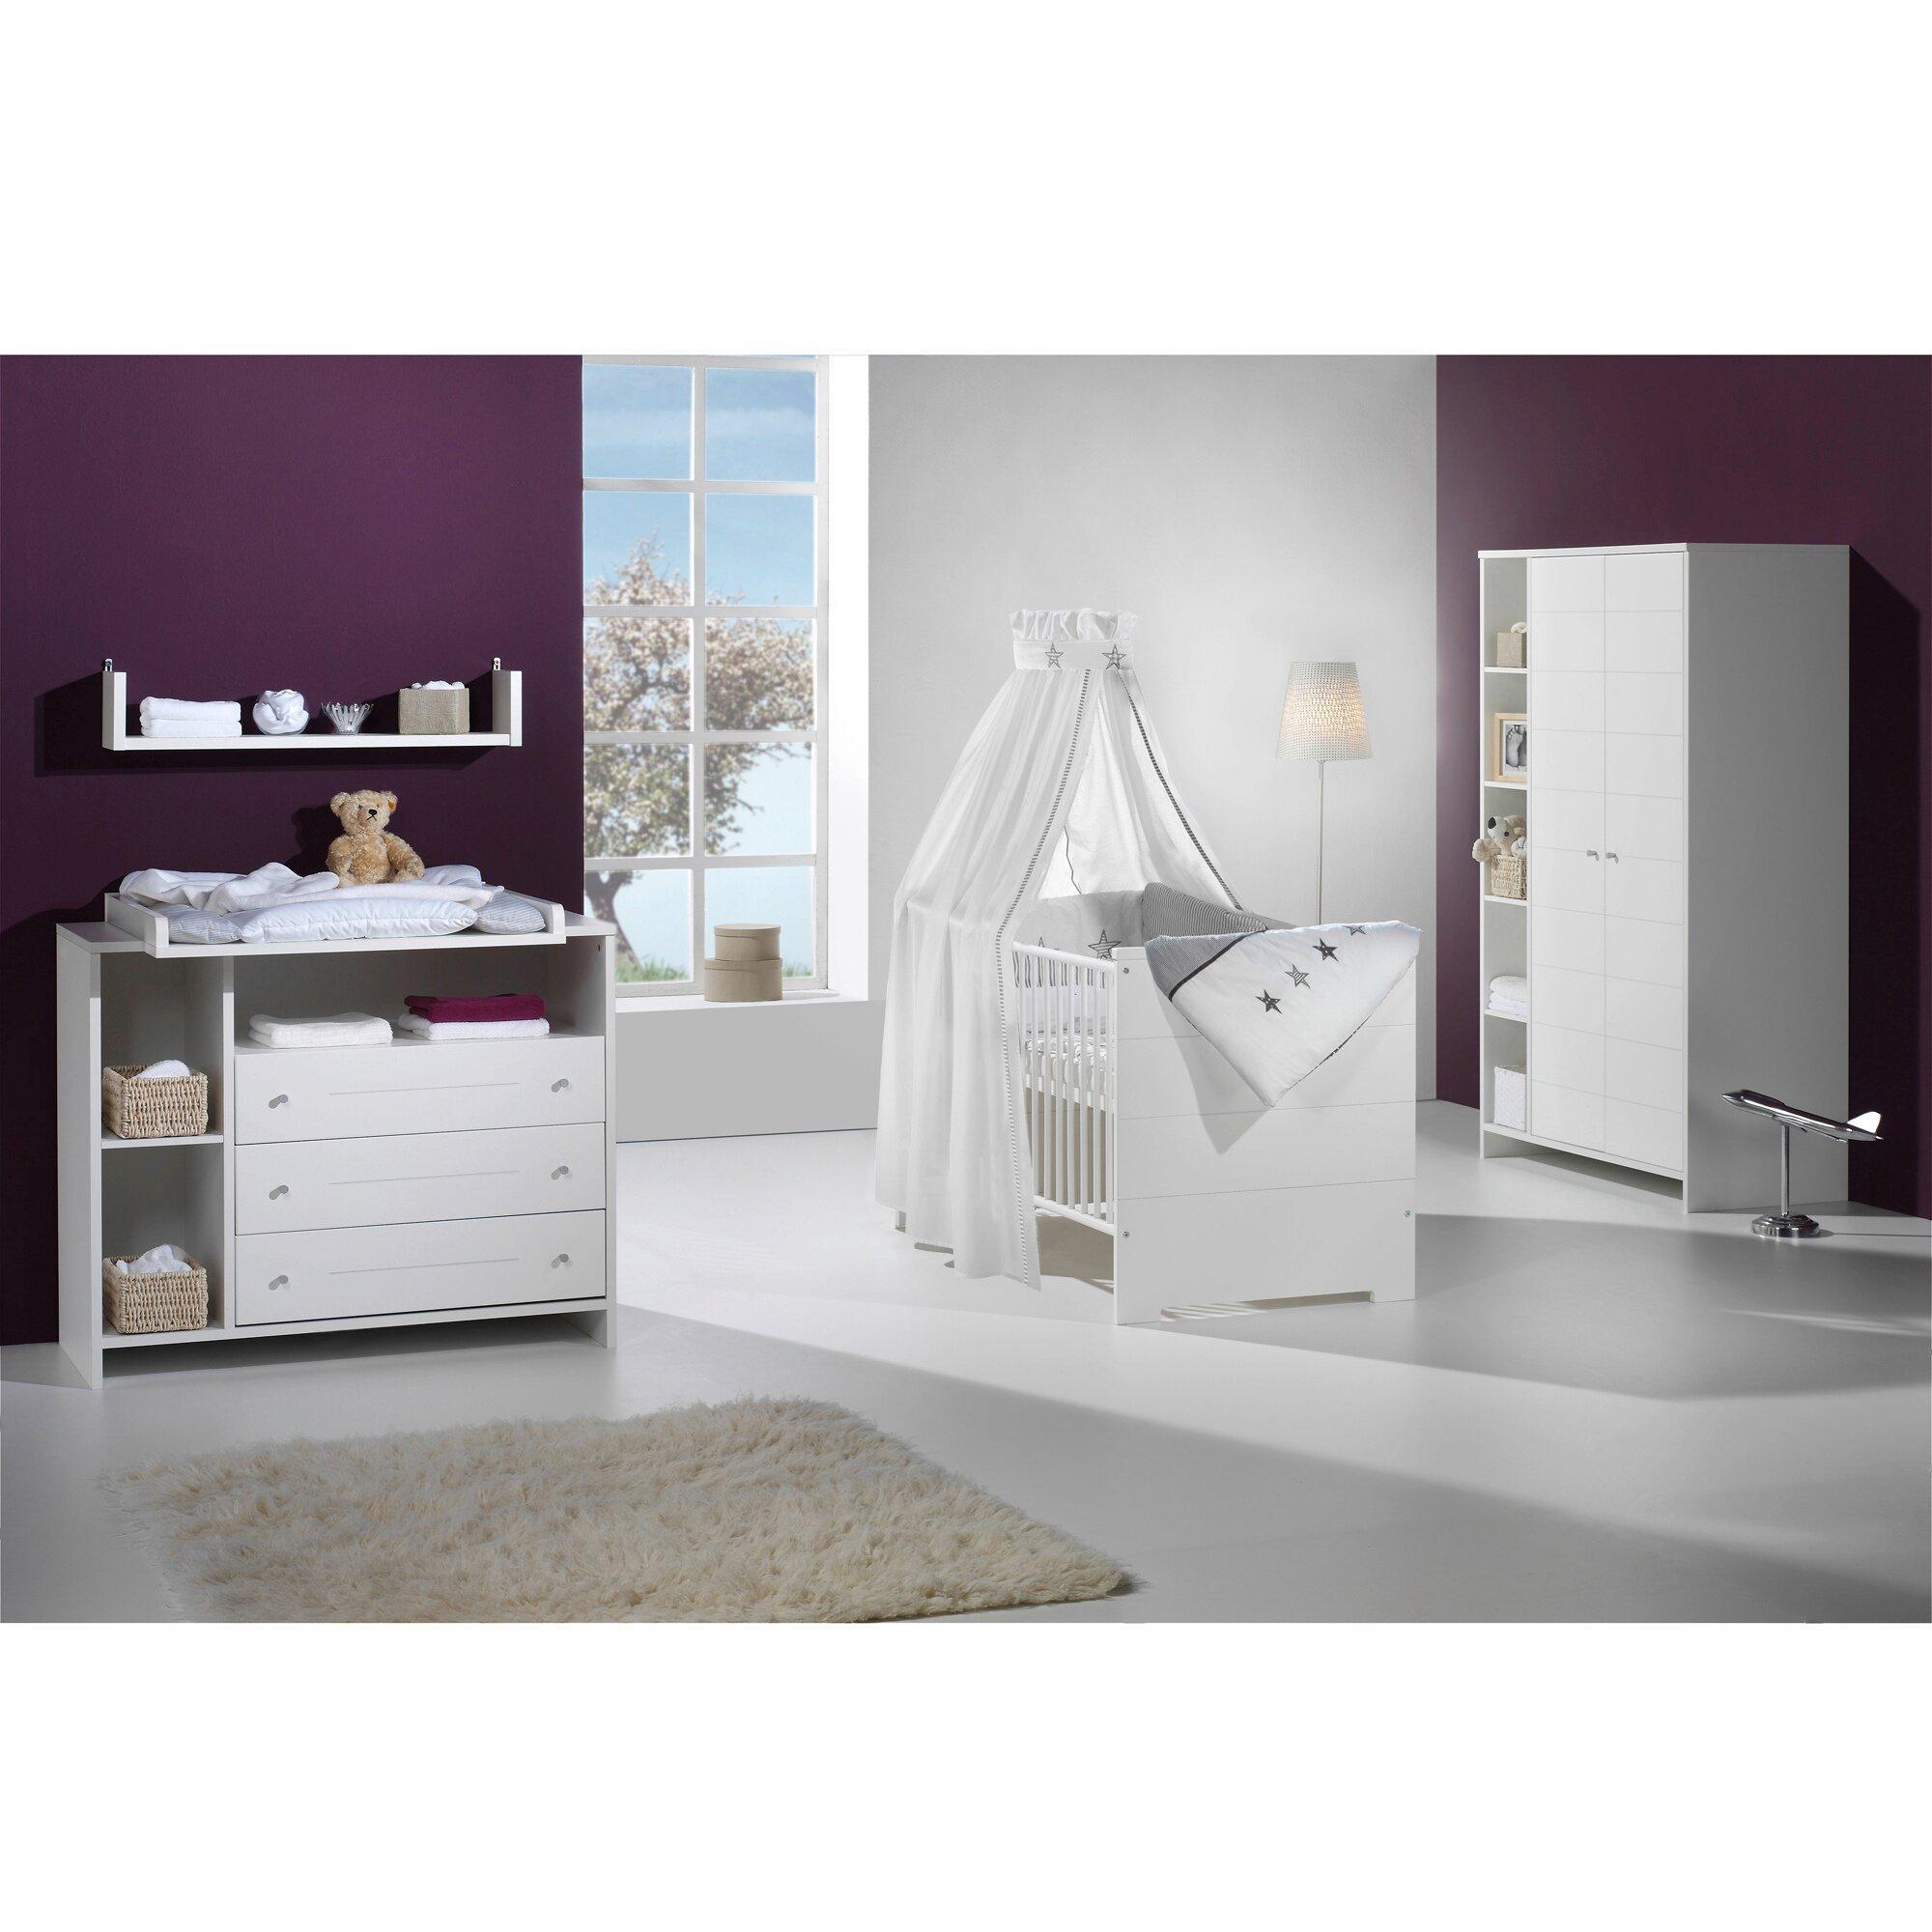 3-tlg. Babyzimmer Eco Stripe mit 2-türigem Kleiderschrank